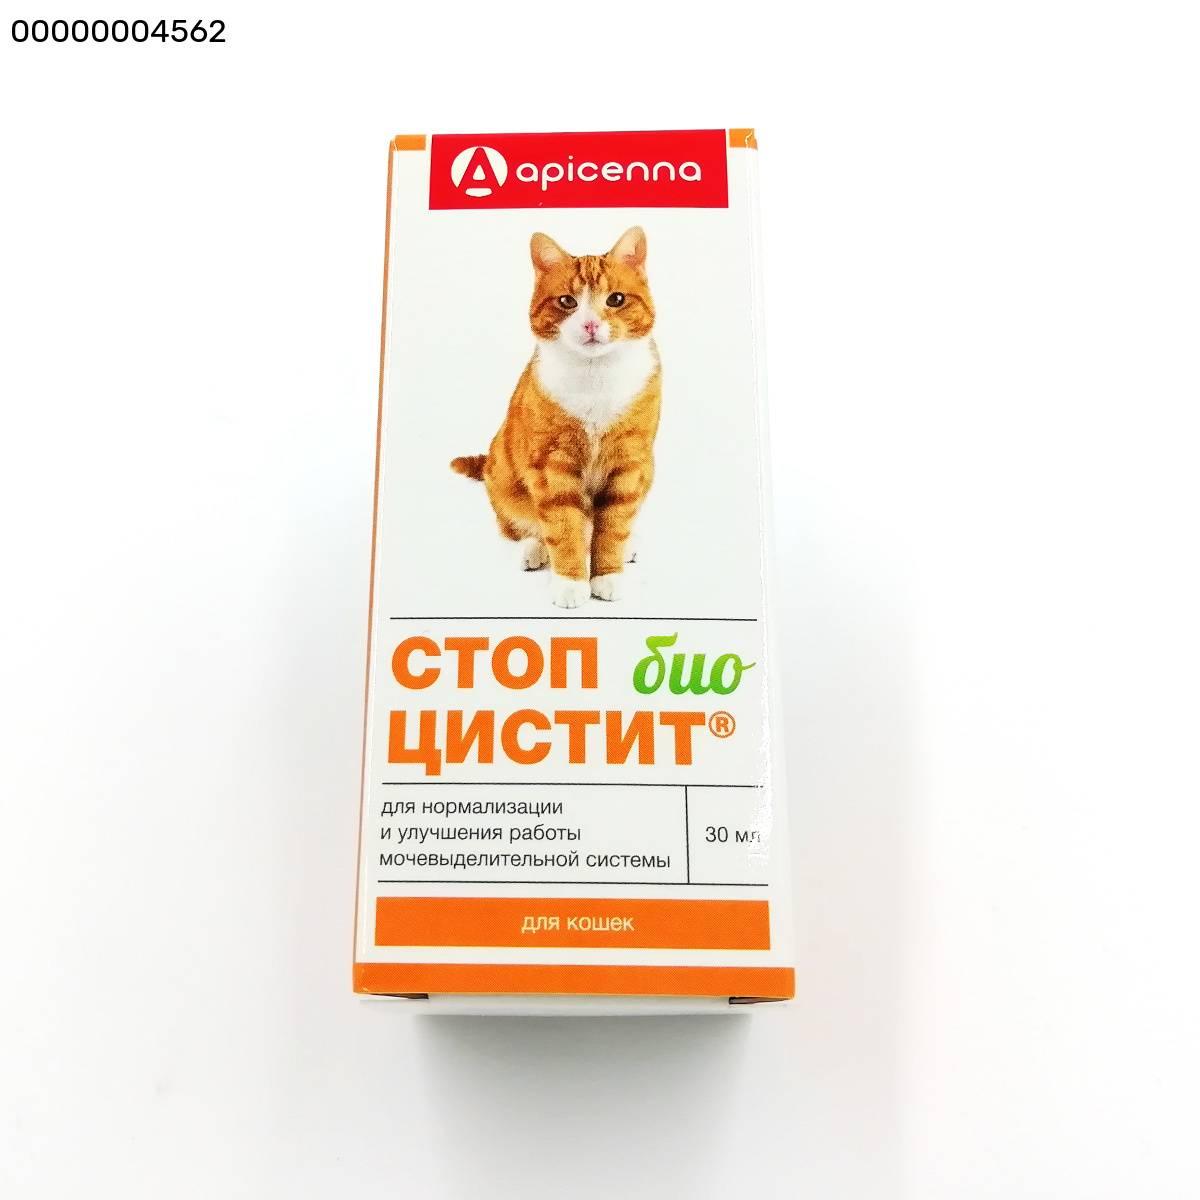 Стоп-цистит для собак - купить, цена и аналоги, инструкция по применению, отзывы в интернет ветаптеке добропесик